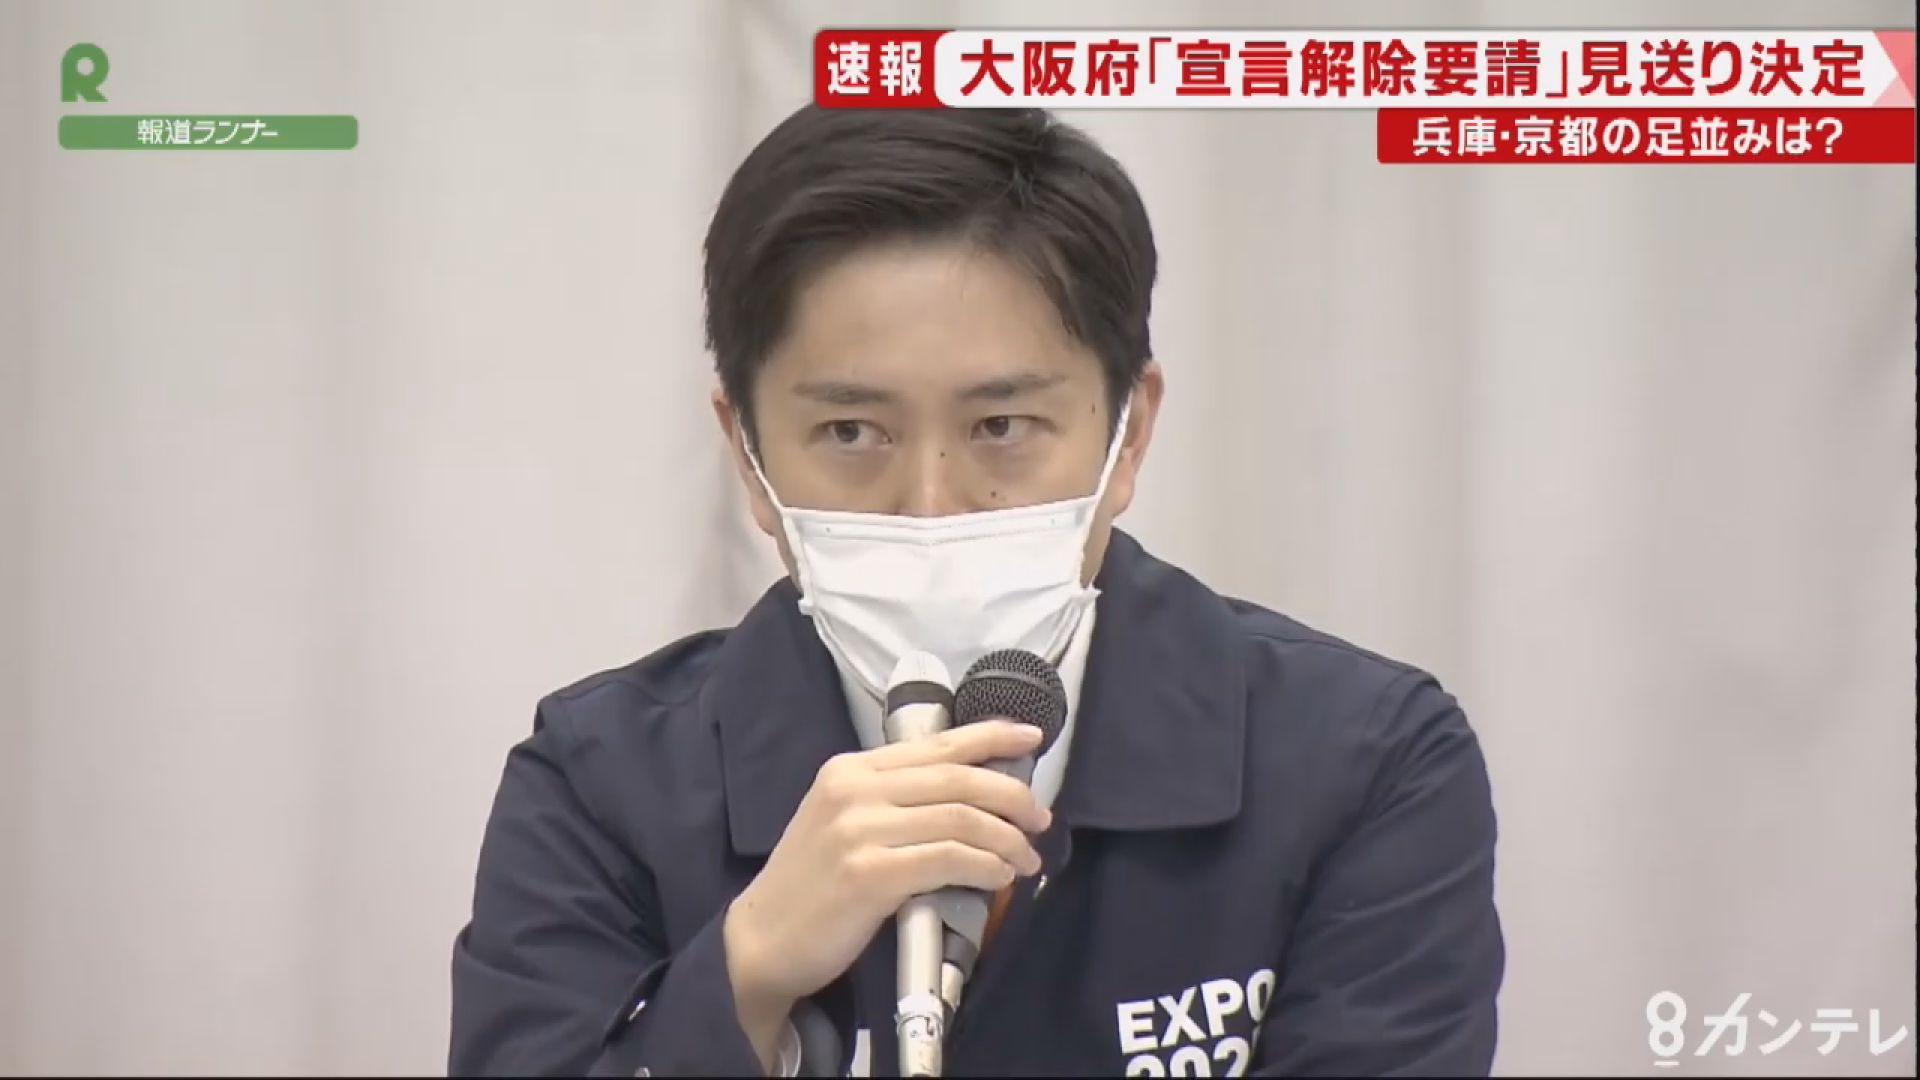 大阪府は『解除要請』を見送り 吉村知事「病床のひっ迫度についても考える」